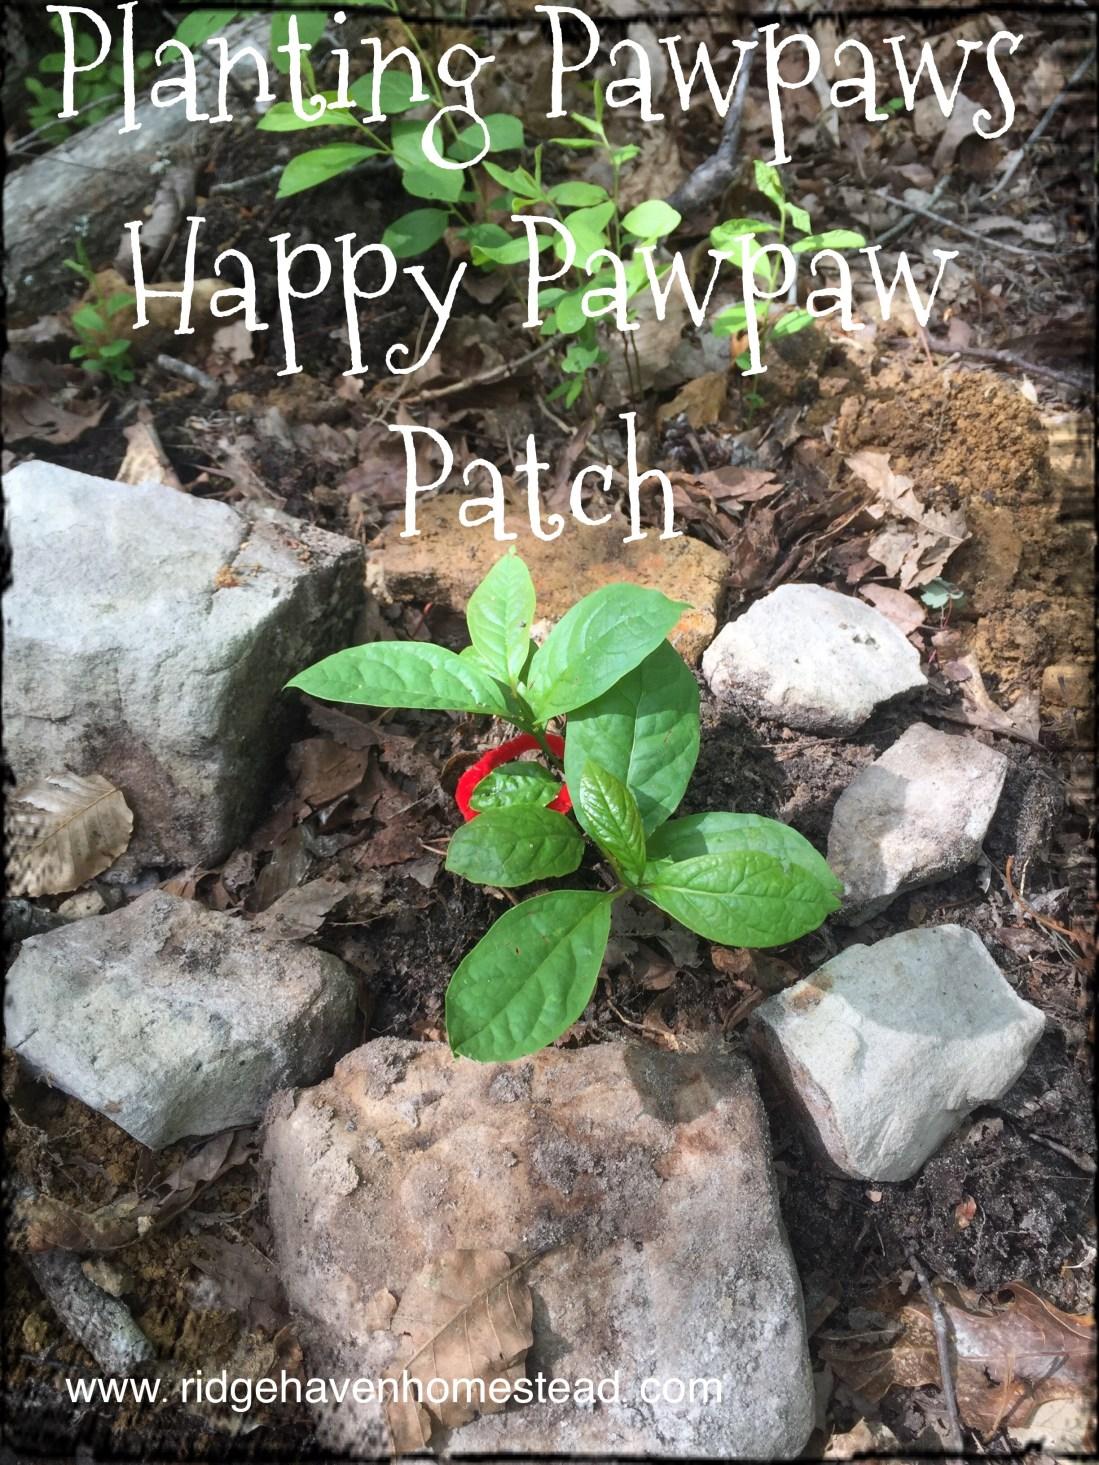 Planting Pawpaw trees